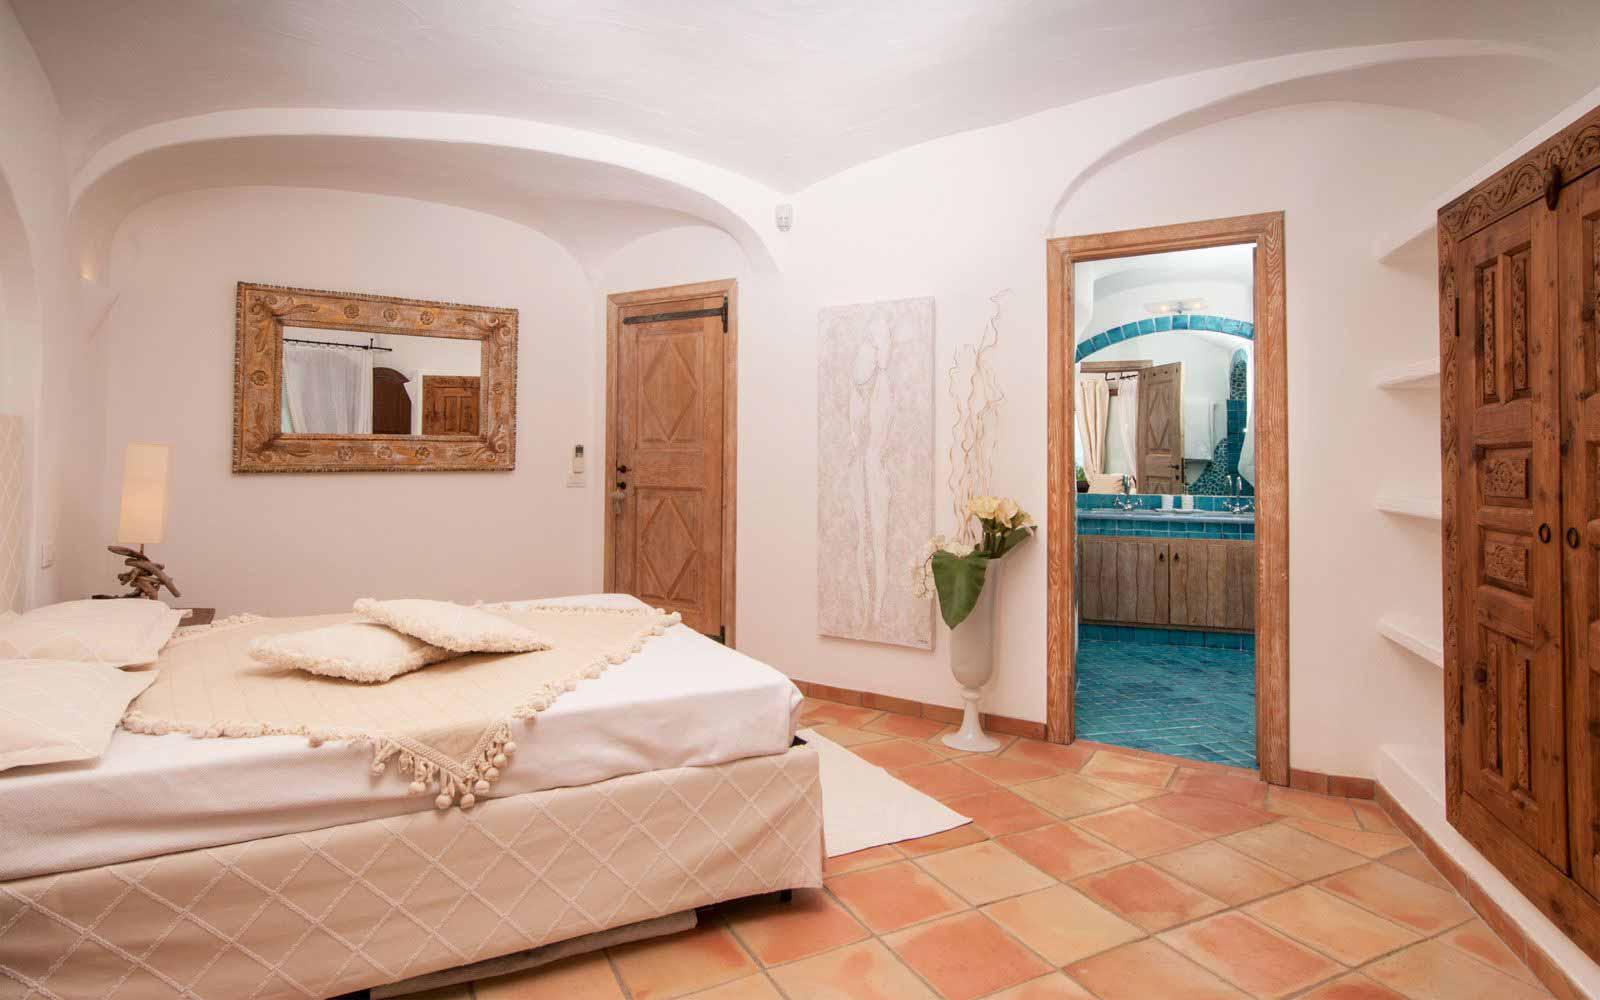 Villa Sole: room / property / locale photo. Image 12